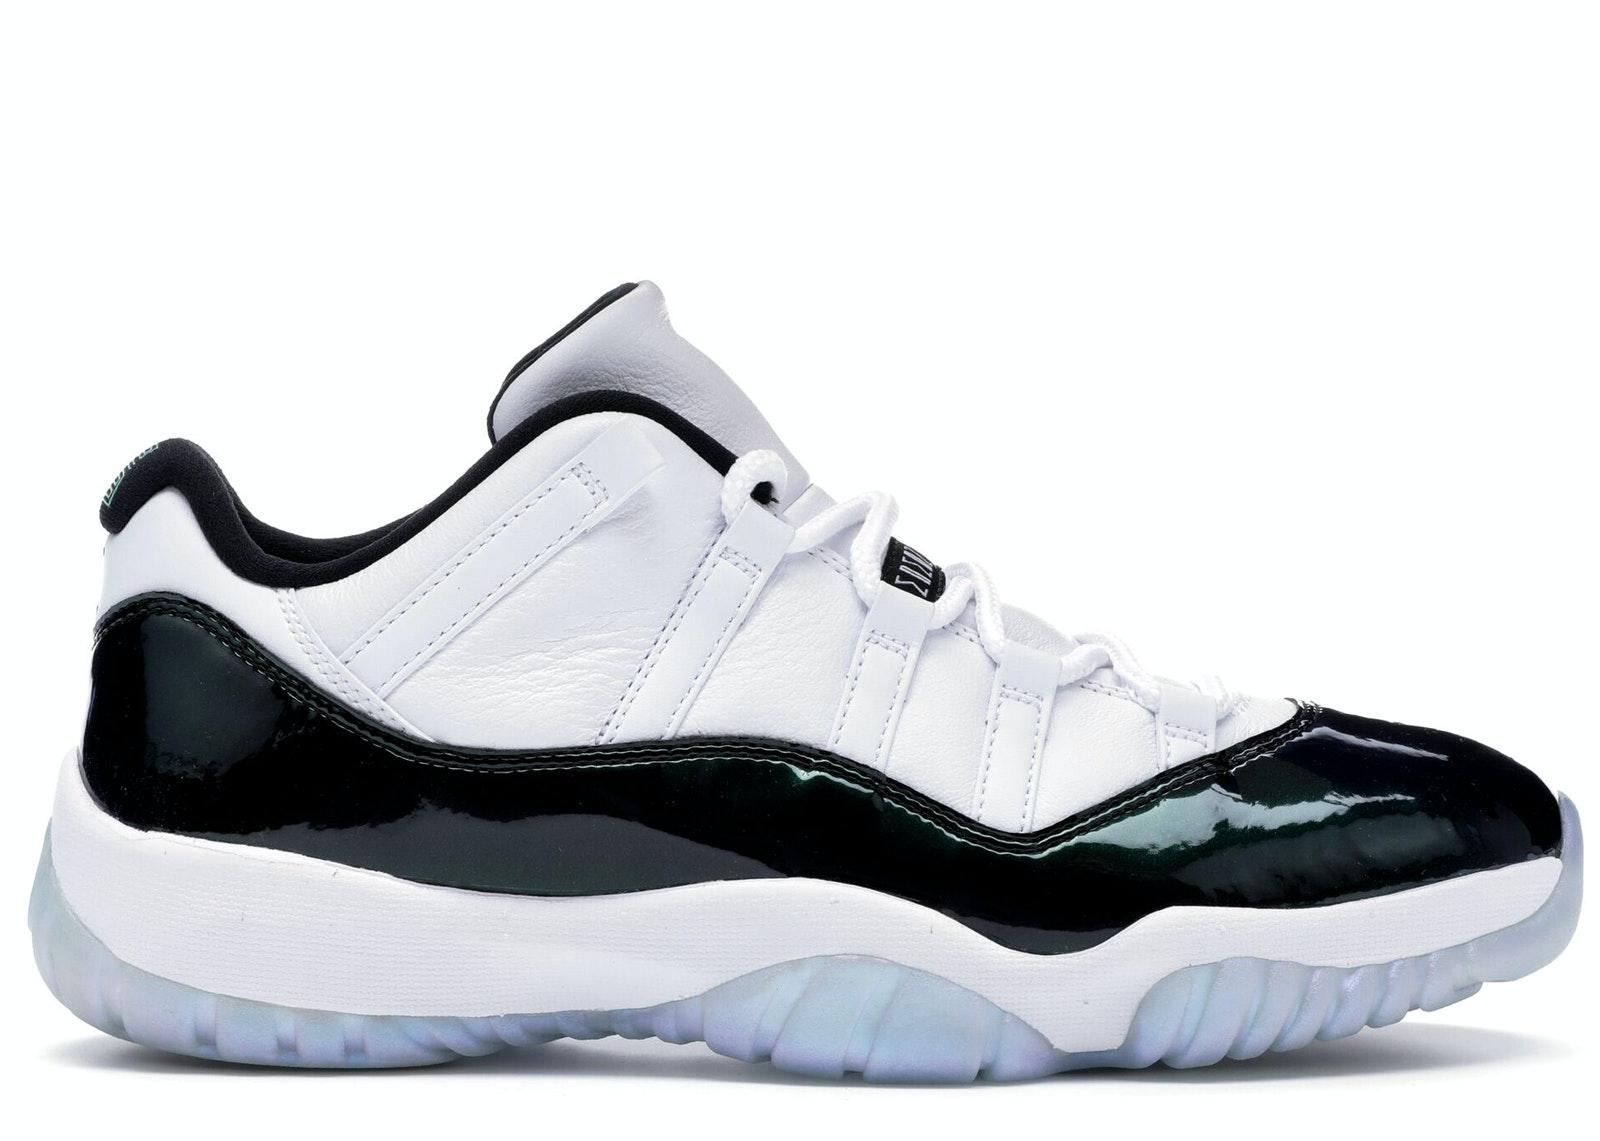 628fe6047d8 Jordan Retro 11 Size 3.5 Nike Air Zoom Pegasus 35 Mens Running Shoes ...